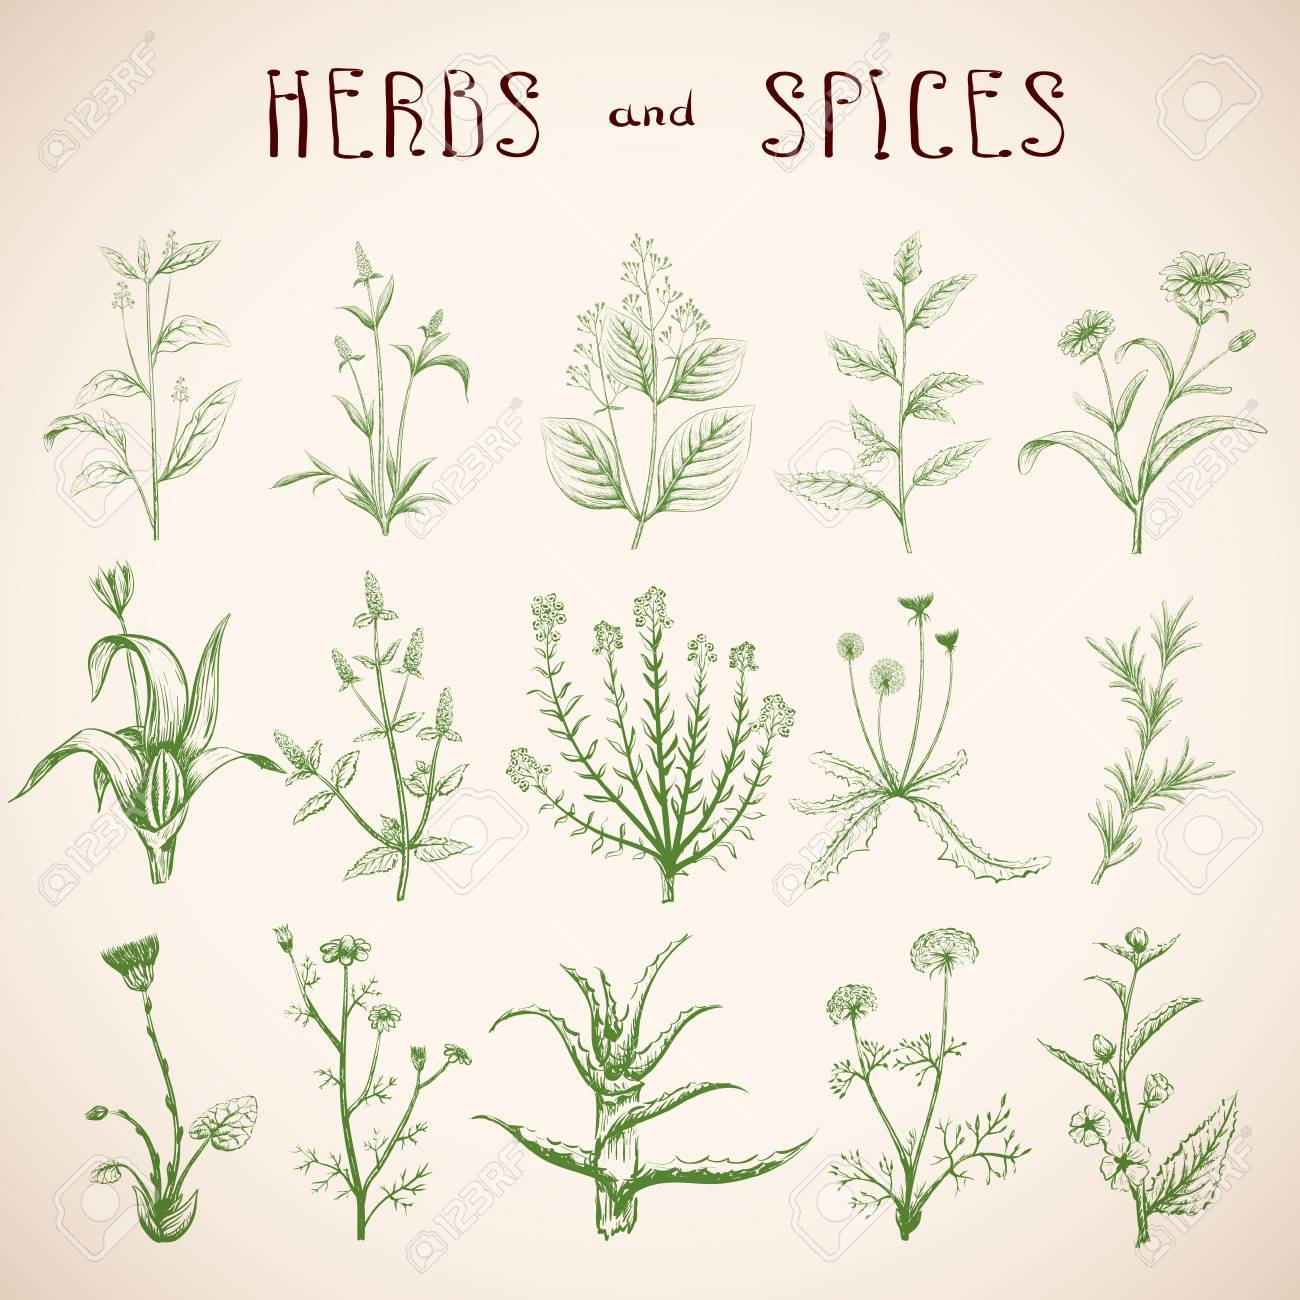 Dibujado A Mano Dibujo Plantas Medicinales. Conjunto De Hierbas Y ...